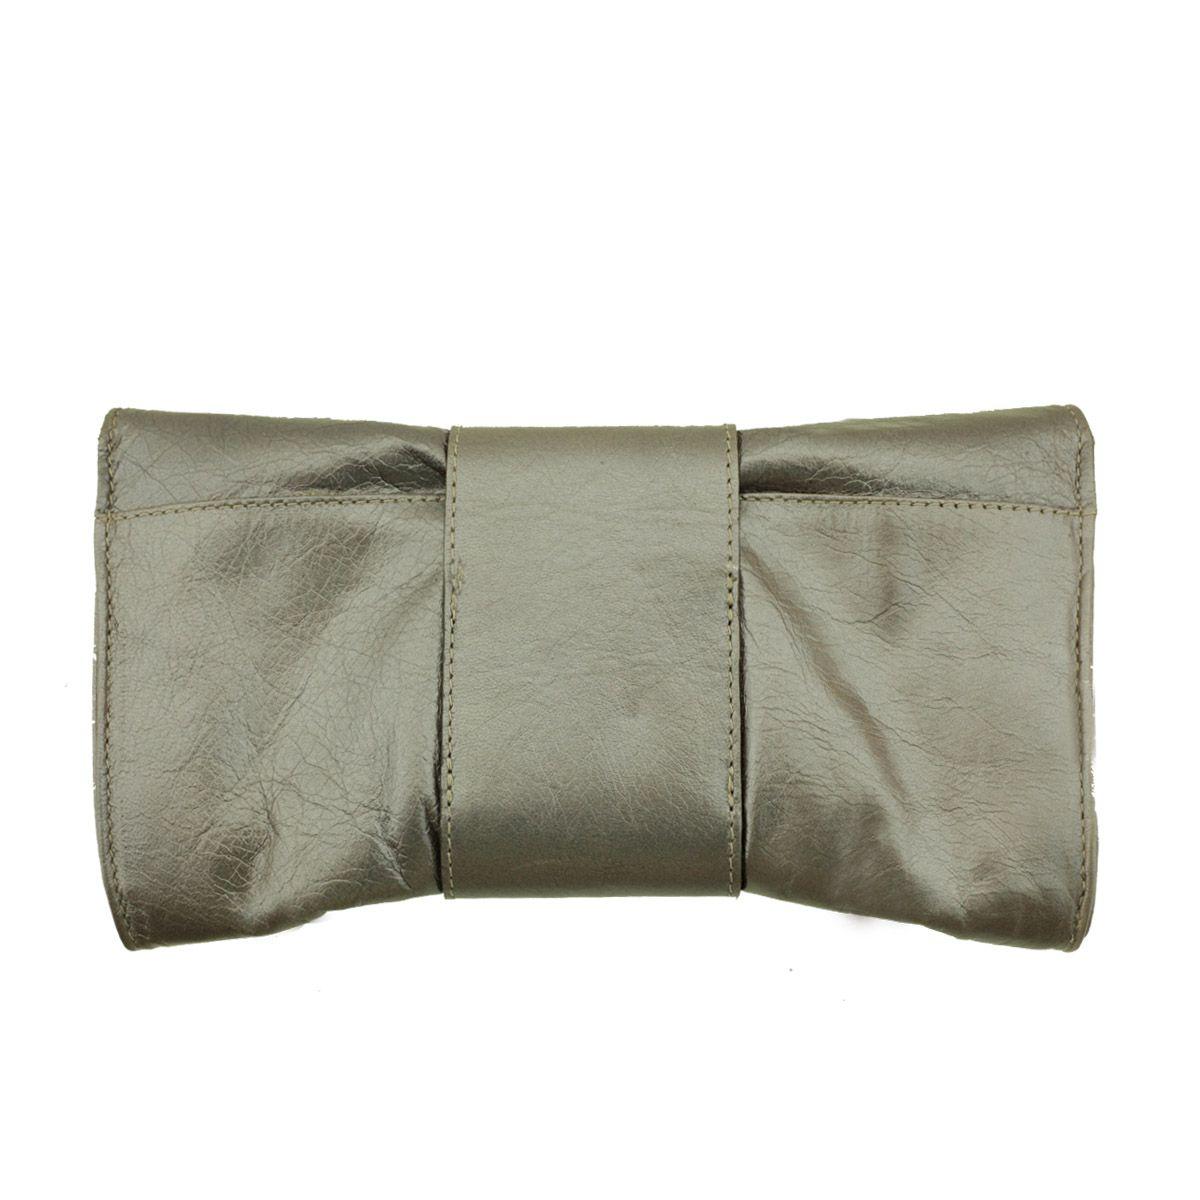 Bolsa De Mão Prata : Carteira de m?o em couro prata velho